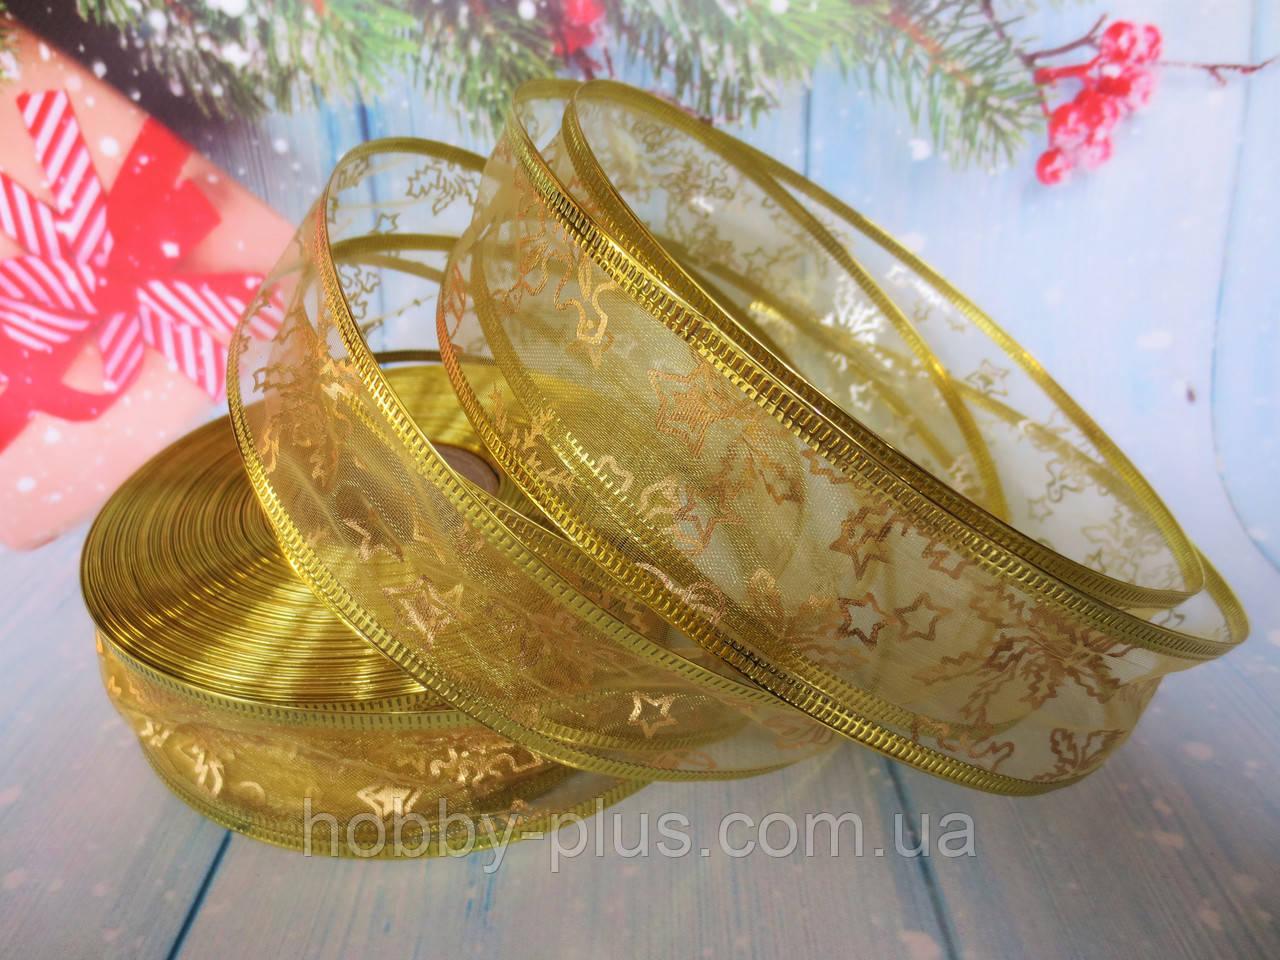 """Новорічна стрічка """"Сніжинка"""", колір золотистий, 3,8 см"""